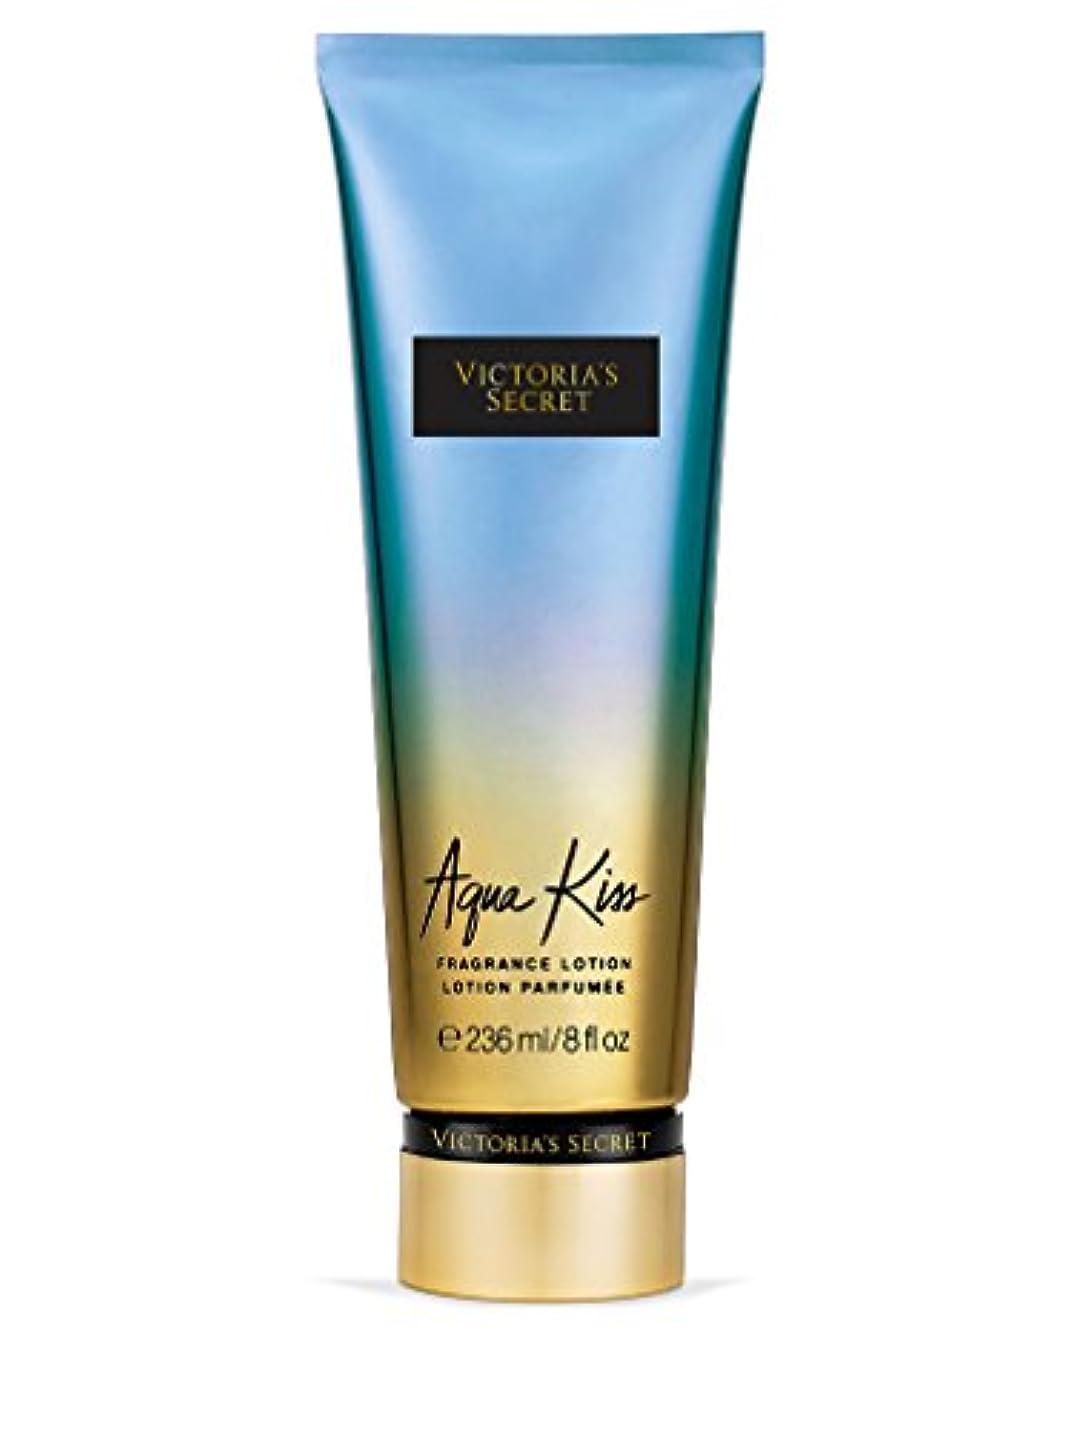 合図抜粋突破口Victoria's Secret ヴィクトリアシークレット Aqua Kiss Fragrance Lotion フレグランス ボディーローション アクアキス 236ml [並行輸入品]